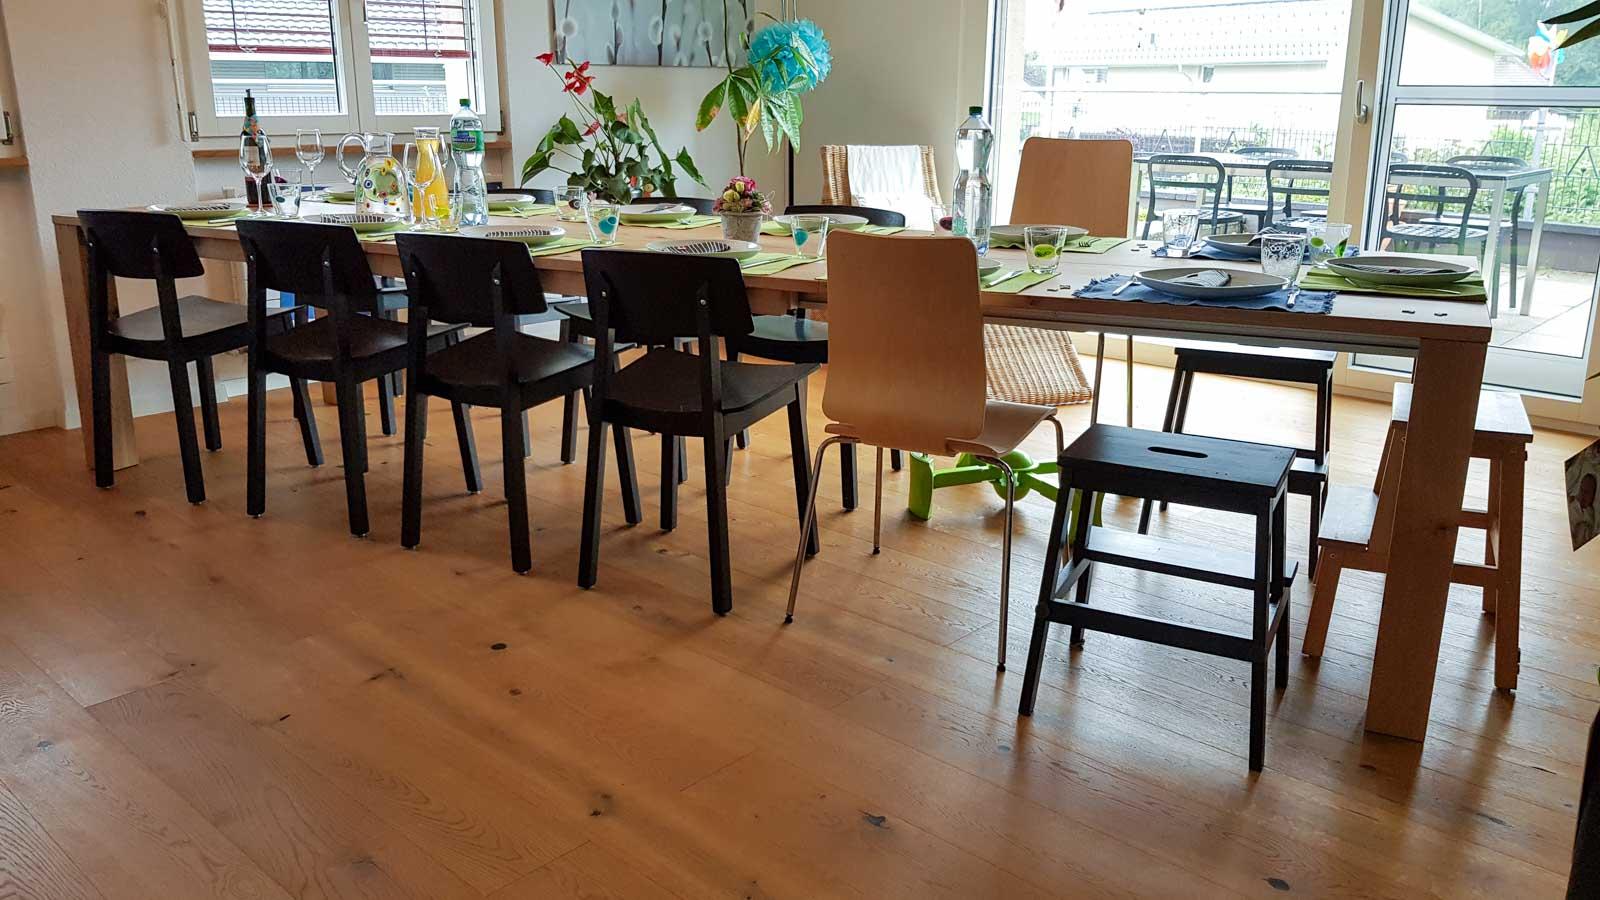 Wooddesign_Tisch ausziehbar_ Ausziehtisch_Tischverlängerung_Nussbaum massiv1 (1)